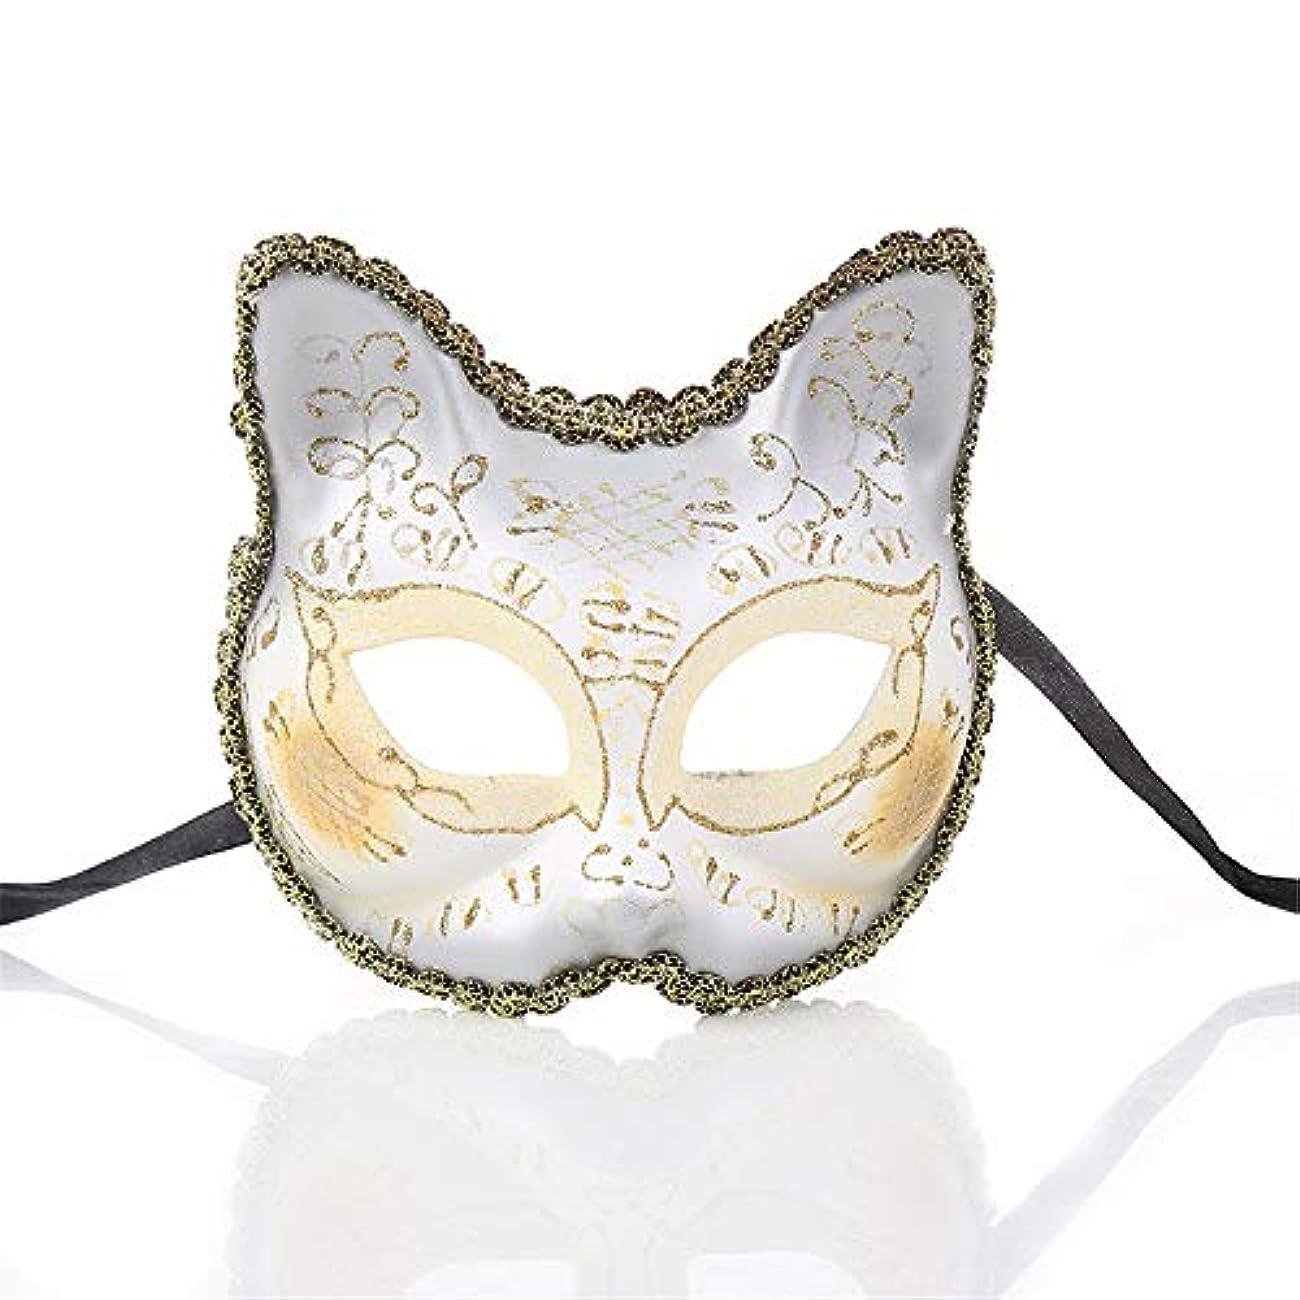 努力研究所のヒープダンスマスク ワイルドマスカレードロールプレイングパーティーの小道具ナイトクラブのマスクの雰囲気クリスマスフェスティバルロールプレイングプラスチックマスク ホリデーパーティー用品 (色 : 白, サイズ : 13x13cm)